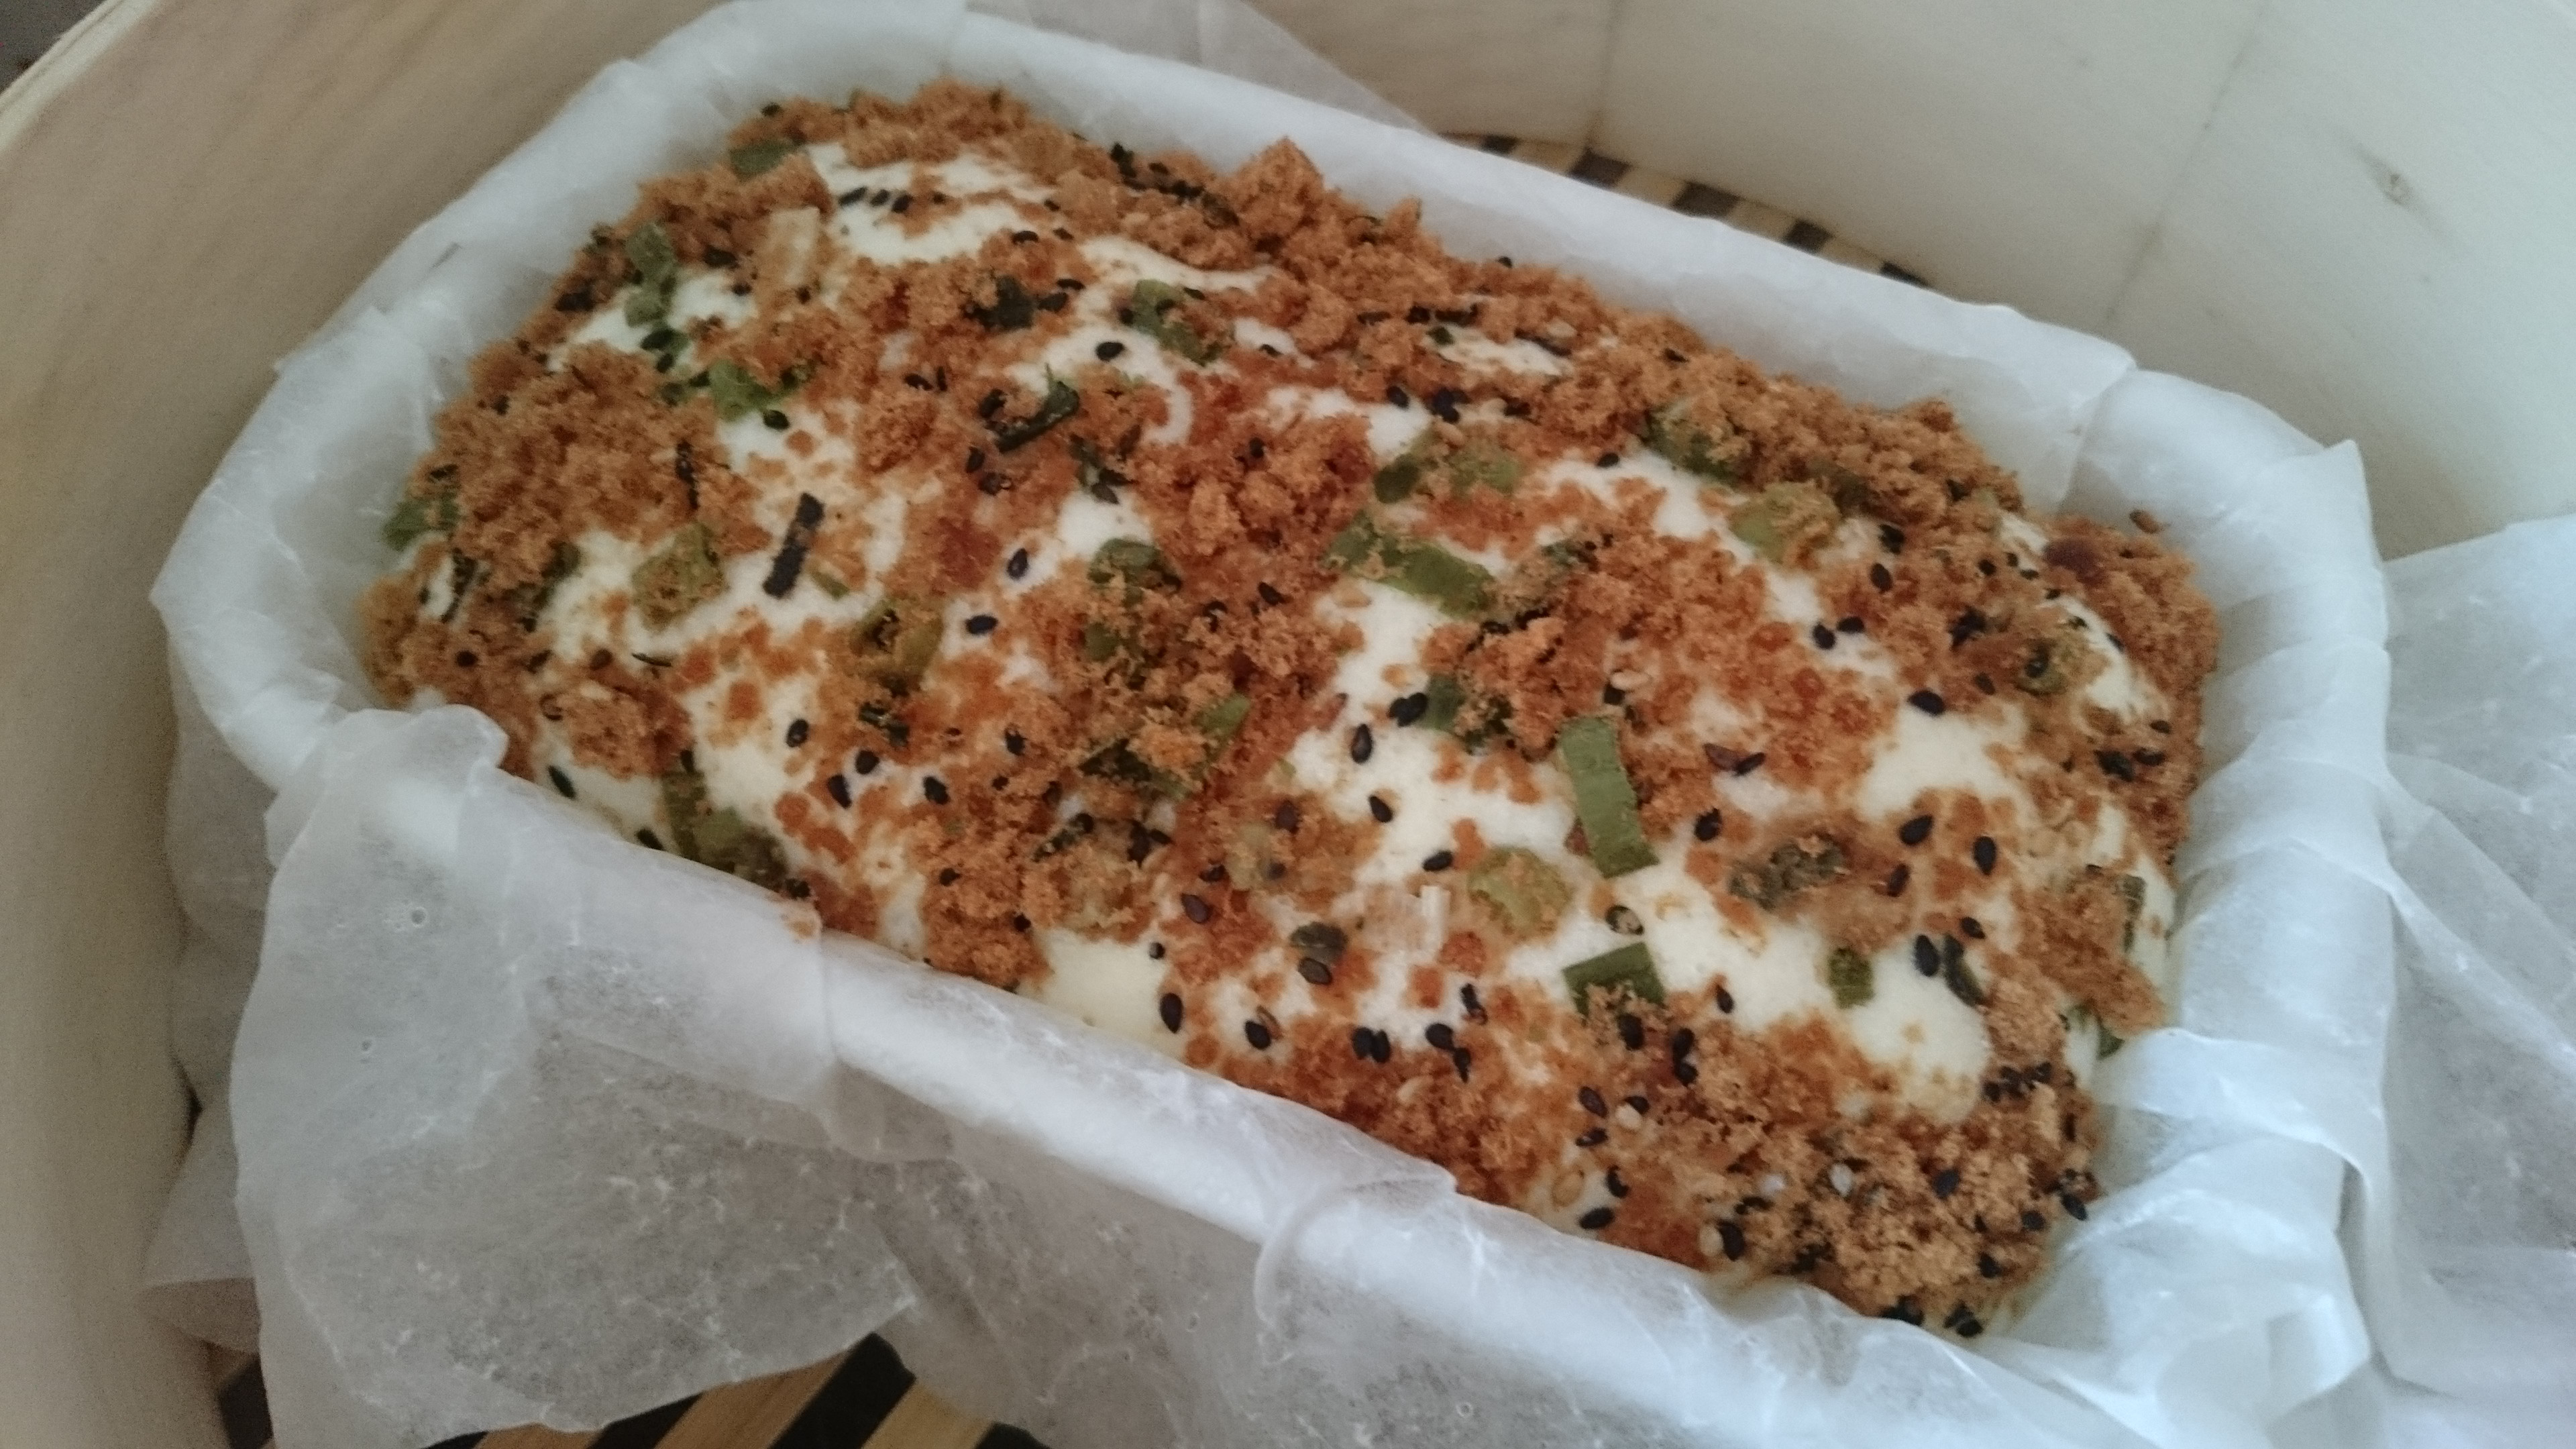 電鍋也可以做的鹹味蒸蛋糕